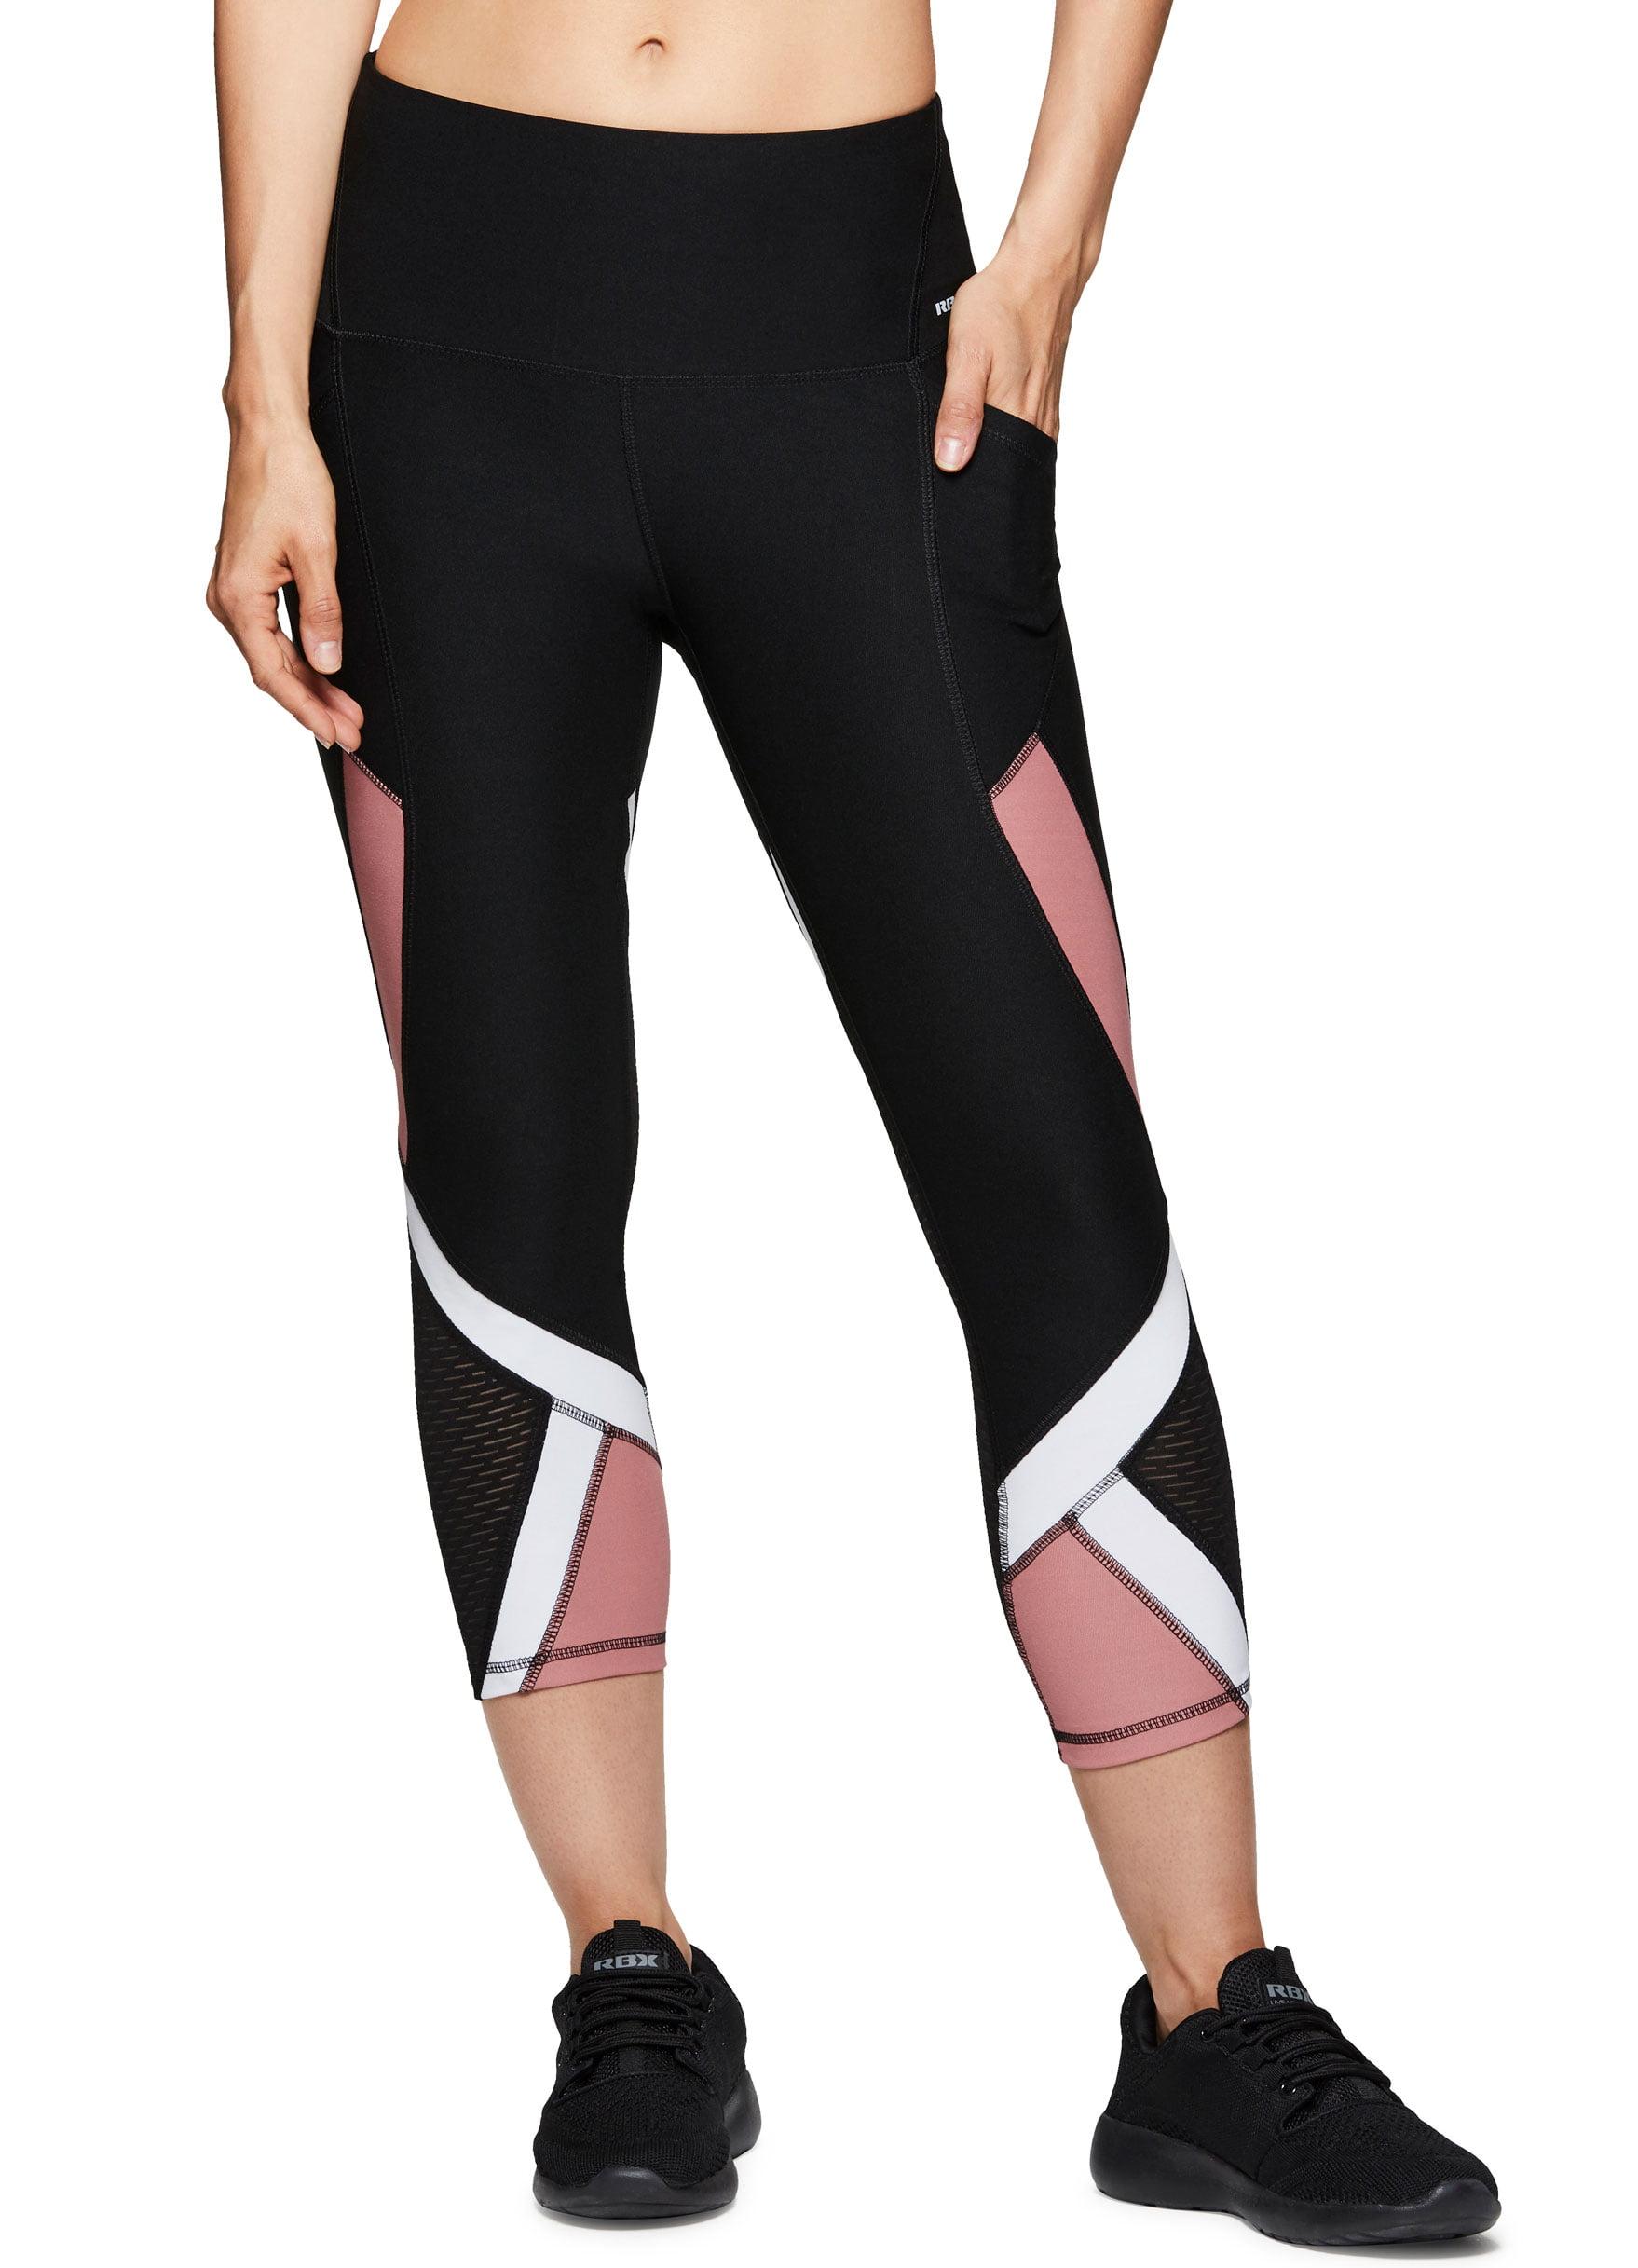 c99d6cf29d988 RBX Active Women's Athletic Gym Workout Yoga Capri Length Legging Mesh